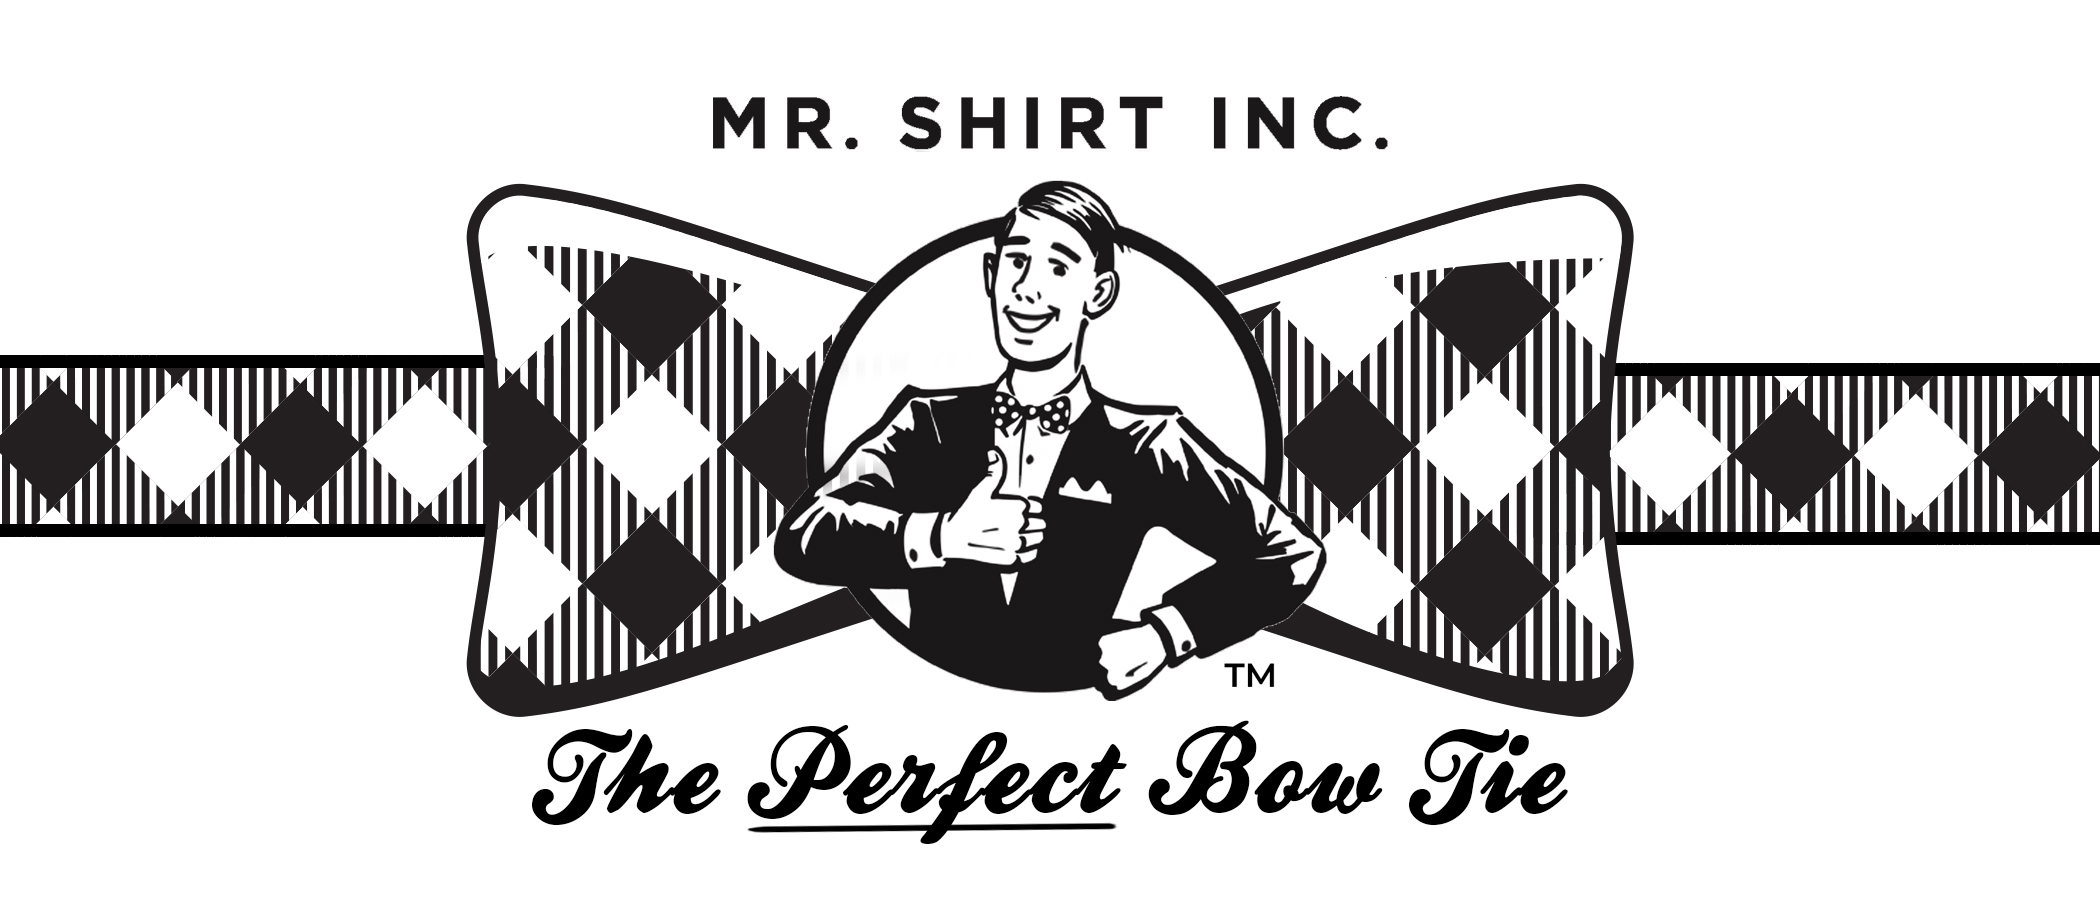 2019-mr-shirt-perfect-bowtie-packaging-FRT-PROOF-1.jpg